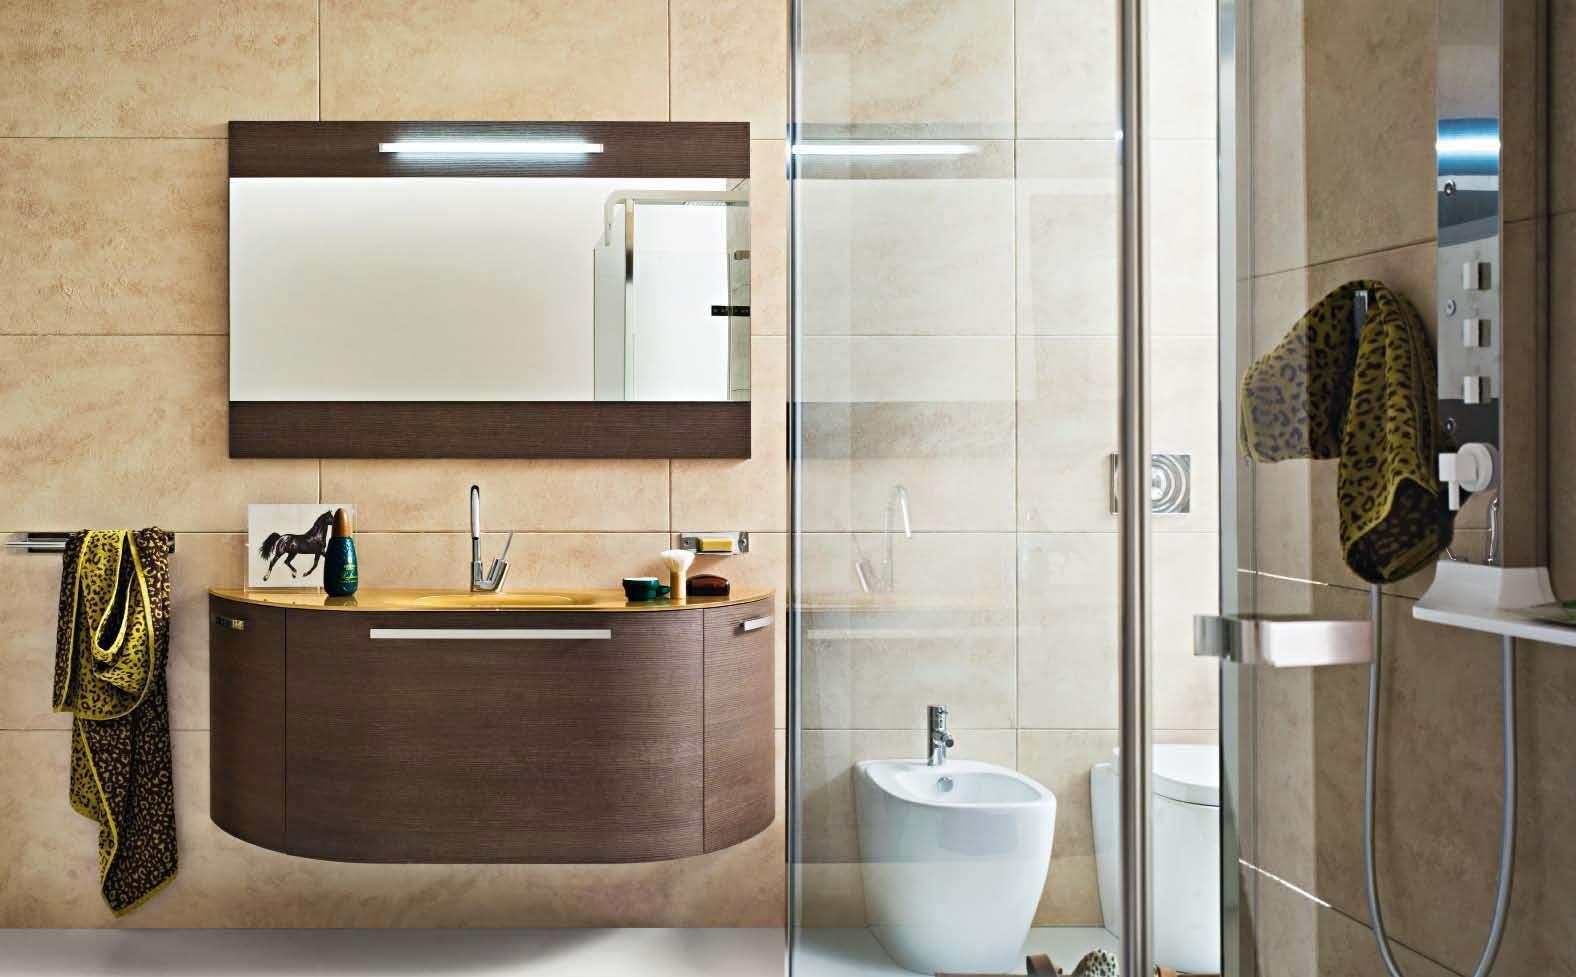 Escoger los muebles del cuarto de baño moderno - FORO DECORACIÓN